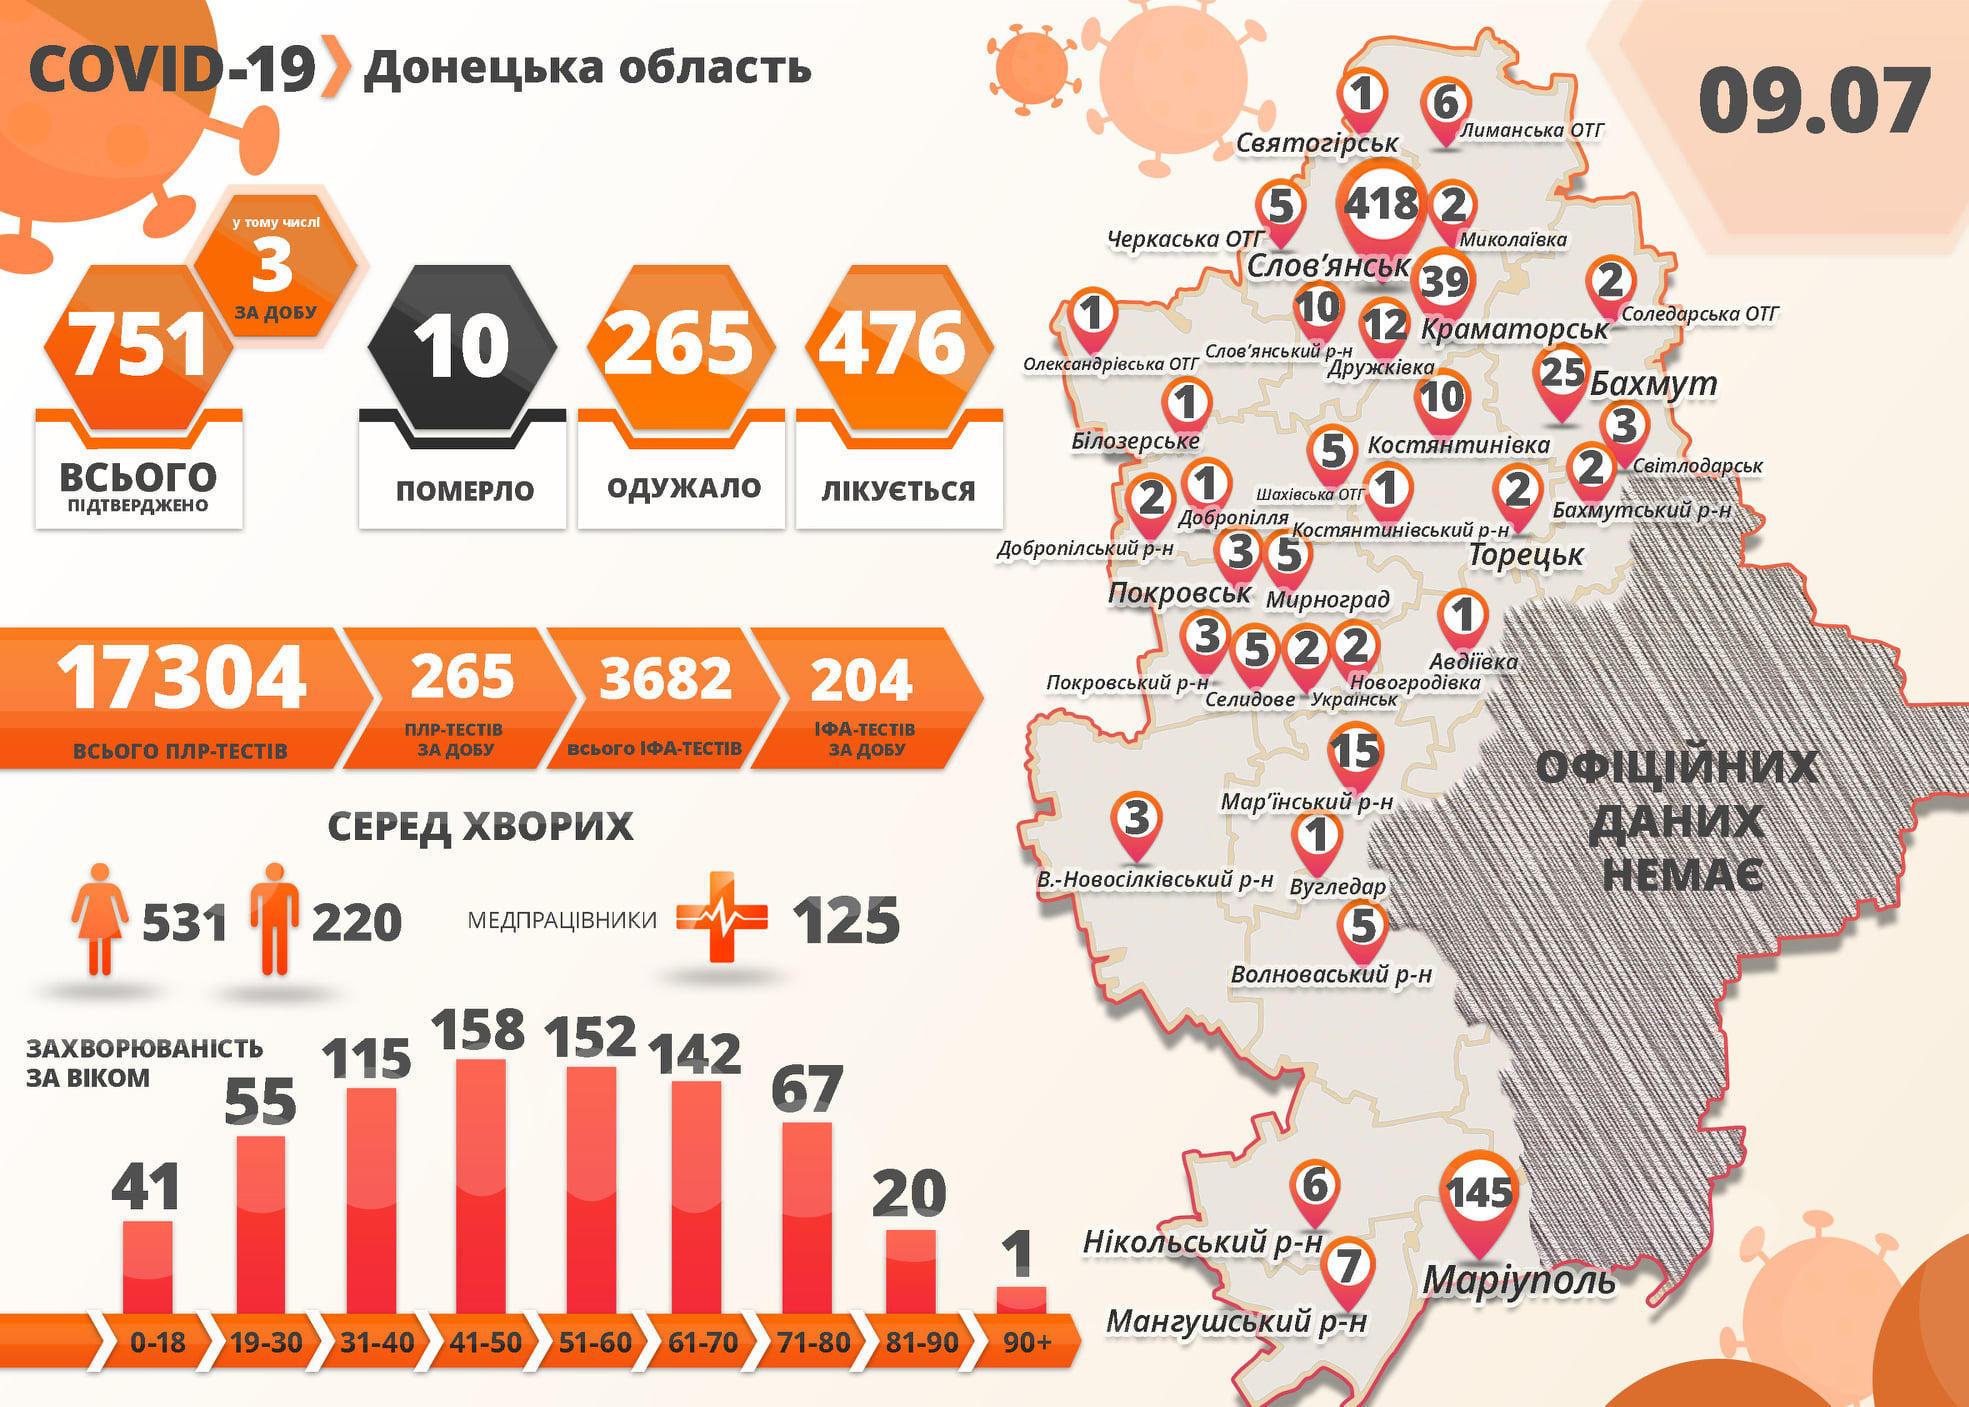 Коронавирус: за день на подконтрольной Донетчине выздоровели 7 пациентов, в Украине в целом – 1016